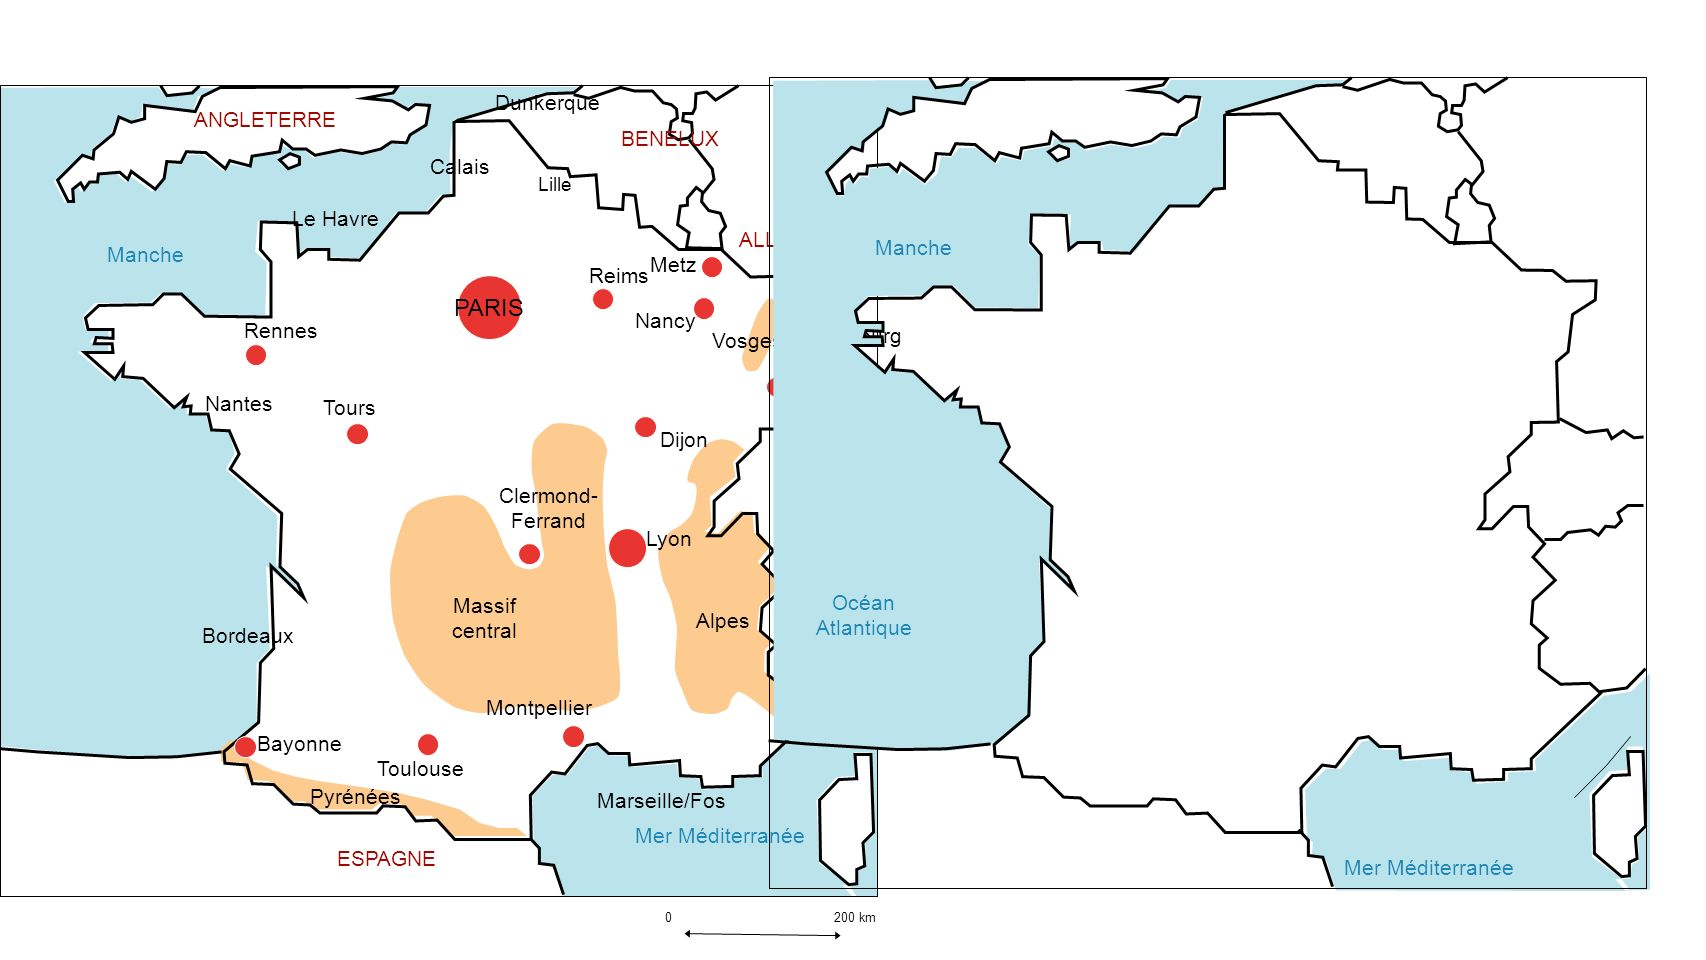 0 200 km Mer Méditerranée Manche Massif central Alpes Pyrénées Vosges ANGLETERRE BENELUX ALLEMAGNE ESPAGNE ITALIE SUISSE PARIS Lille Strasbourg Lyon R